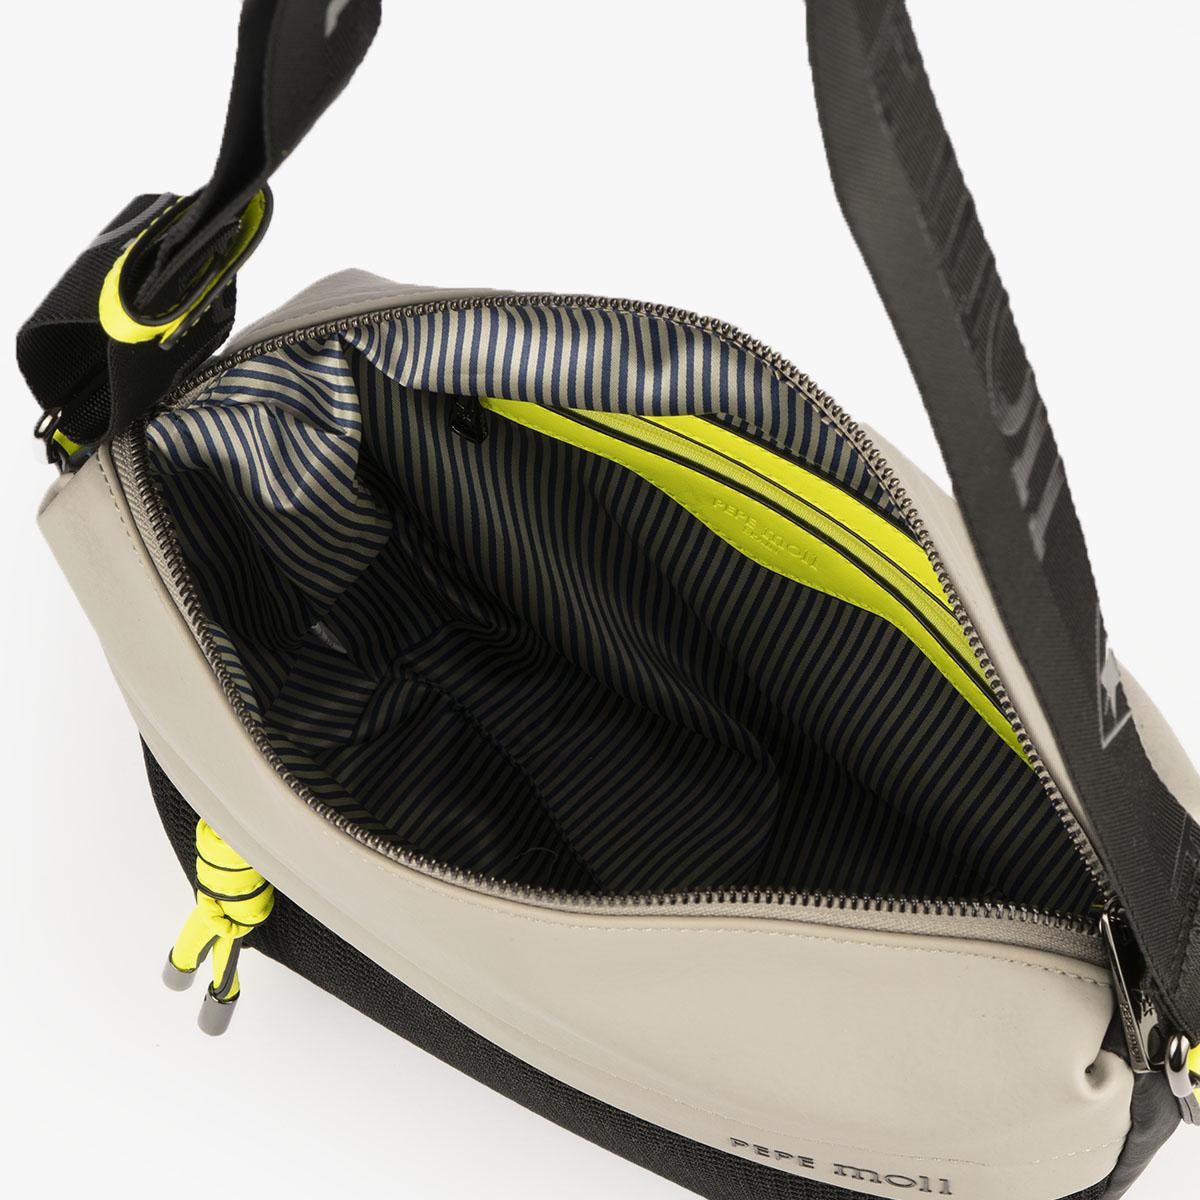 bolso de hombro 35120 negro con detalles verdes pepemoll